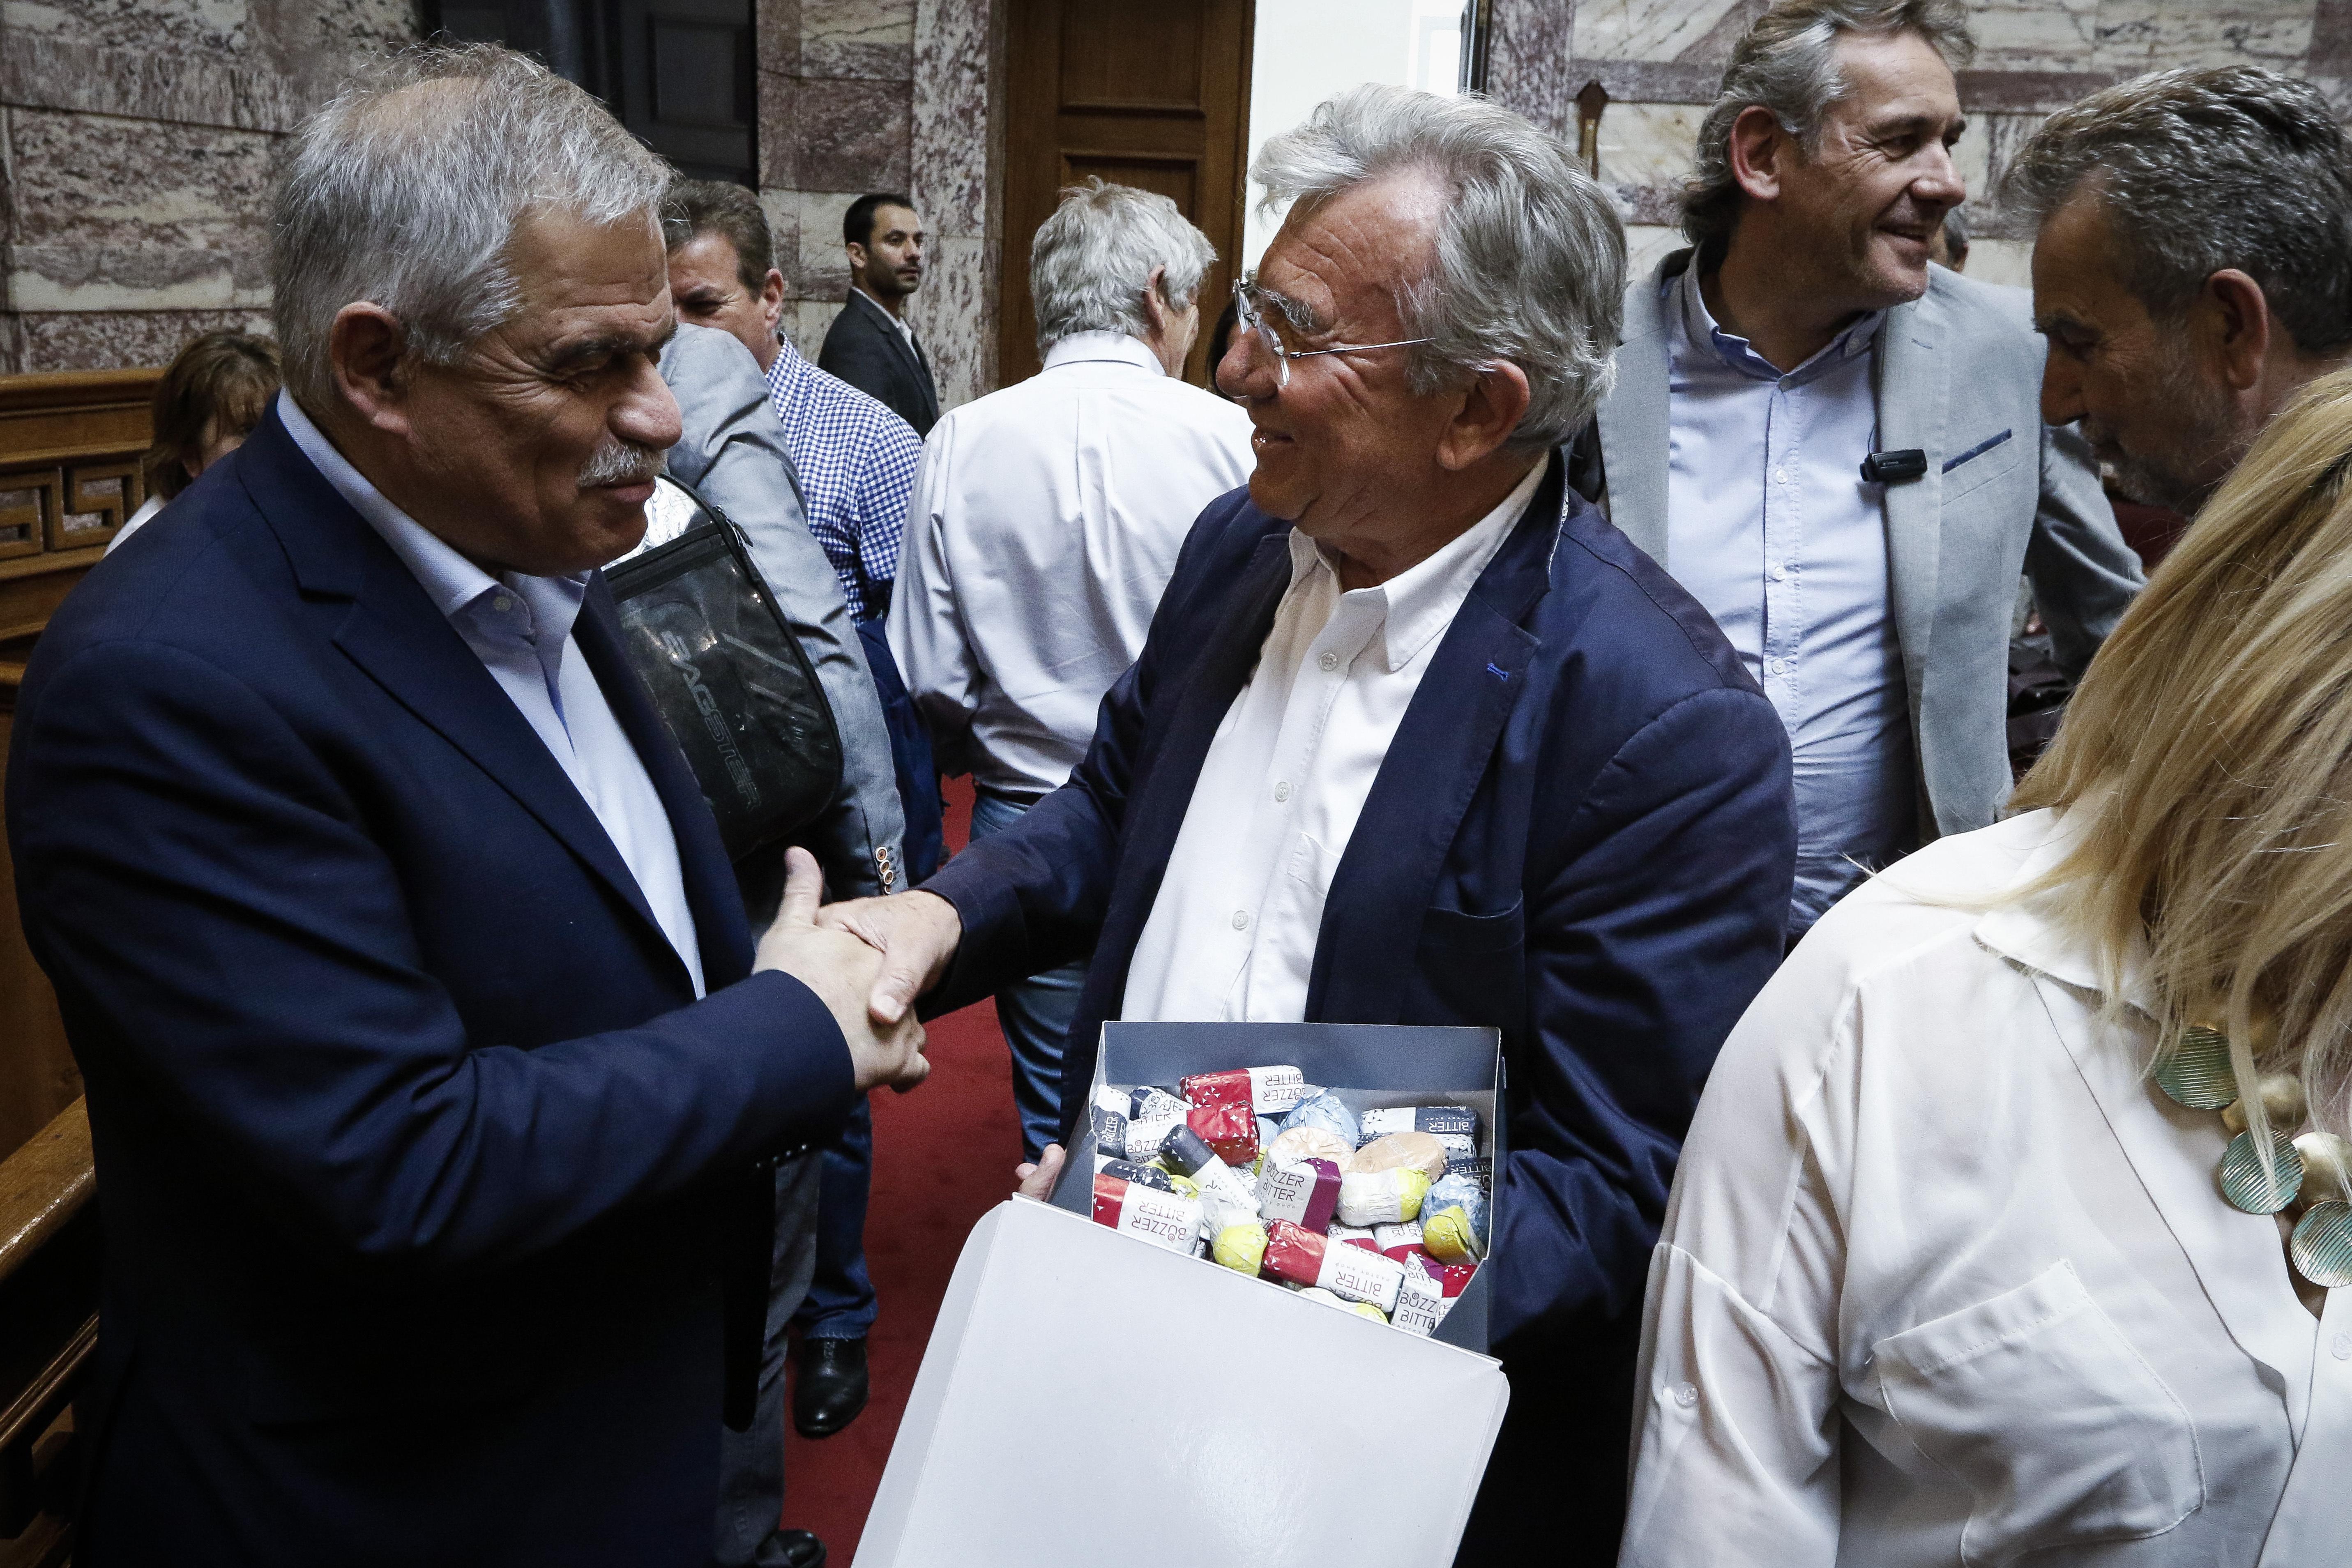 ta-glyka-stin-koinovoyleytiki-omada-toy-syriza-fotografies4